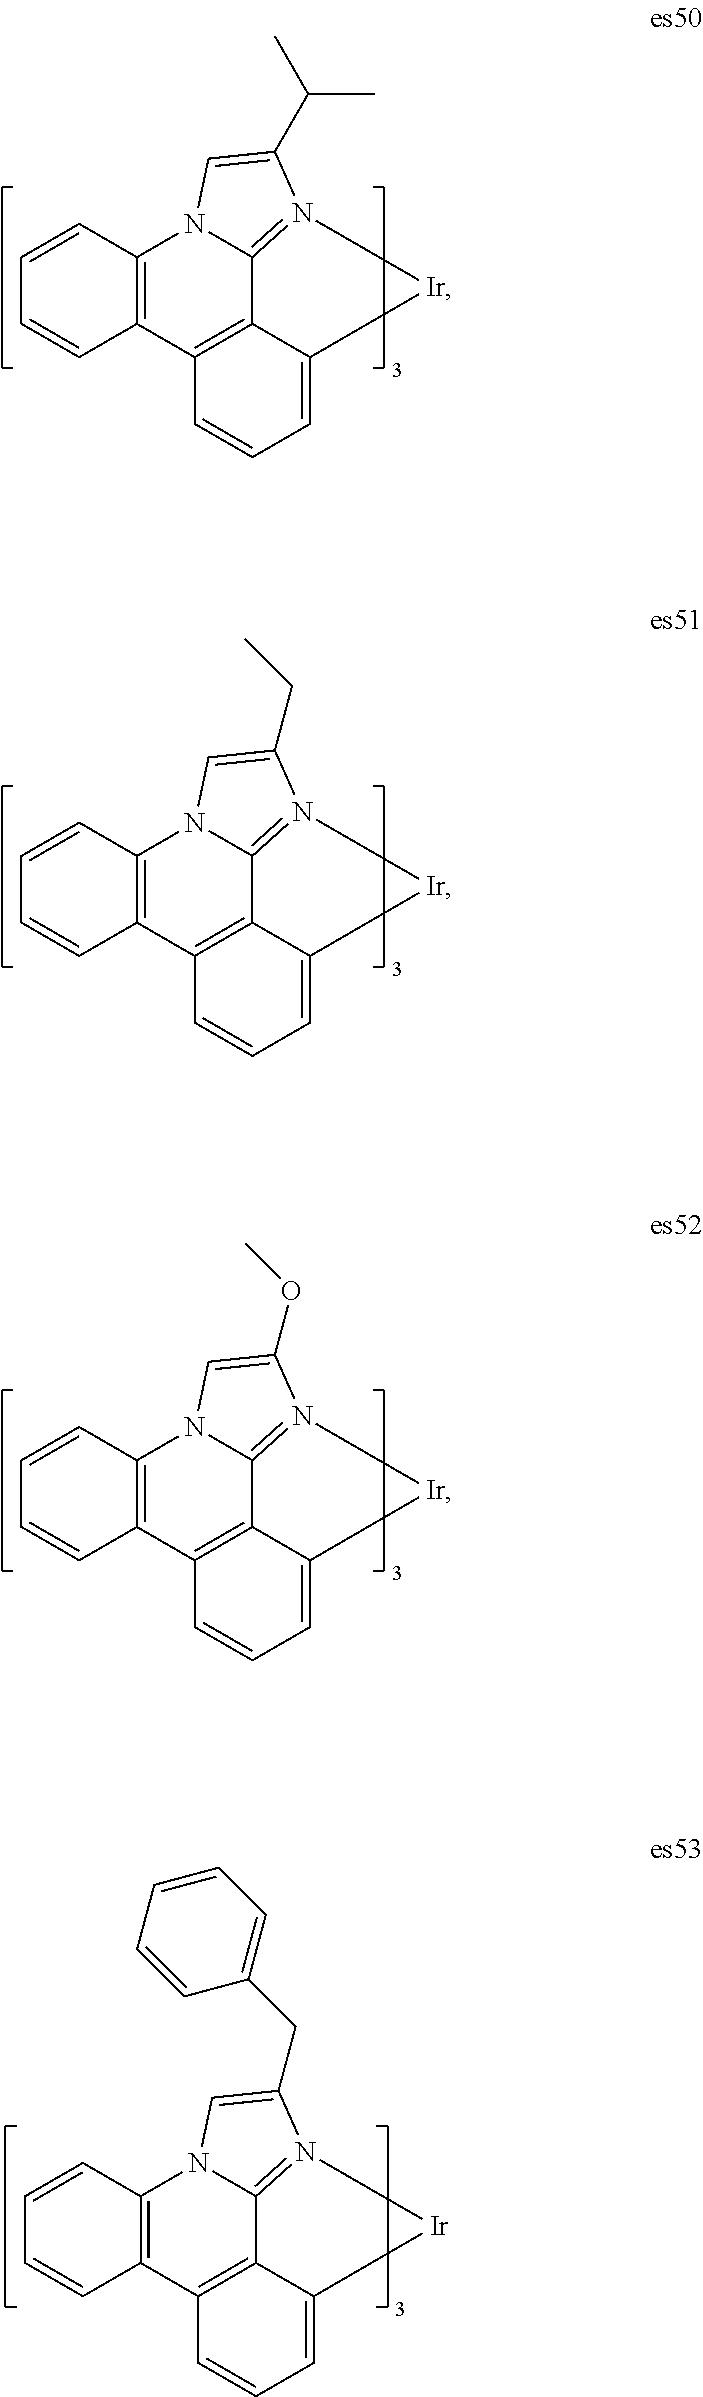 Figure US08142909-20120327-C00029